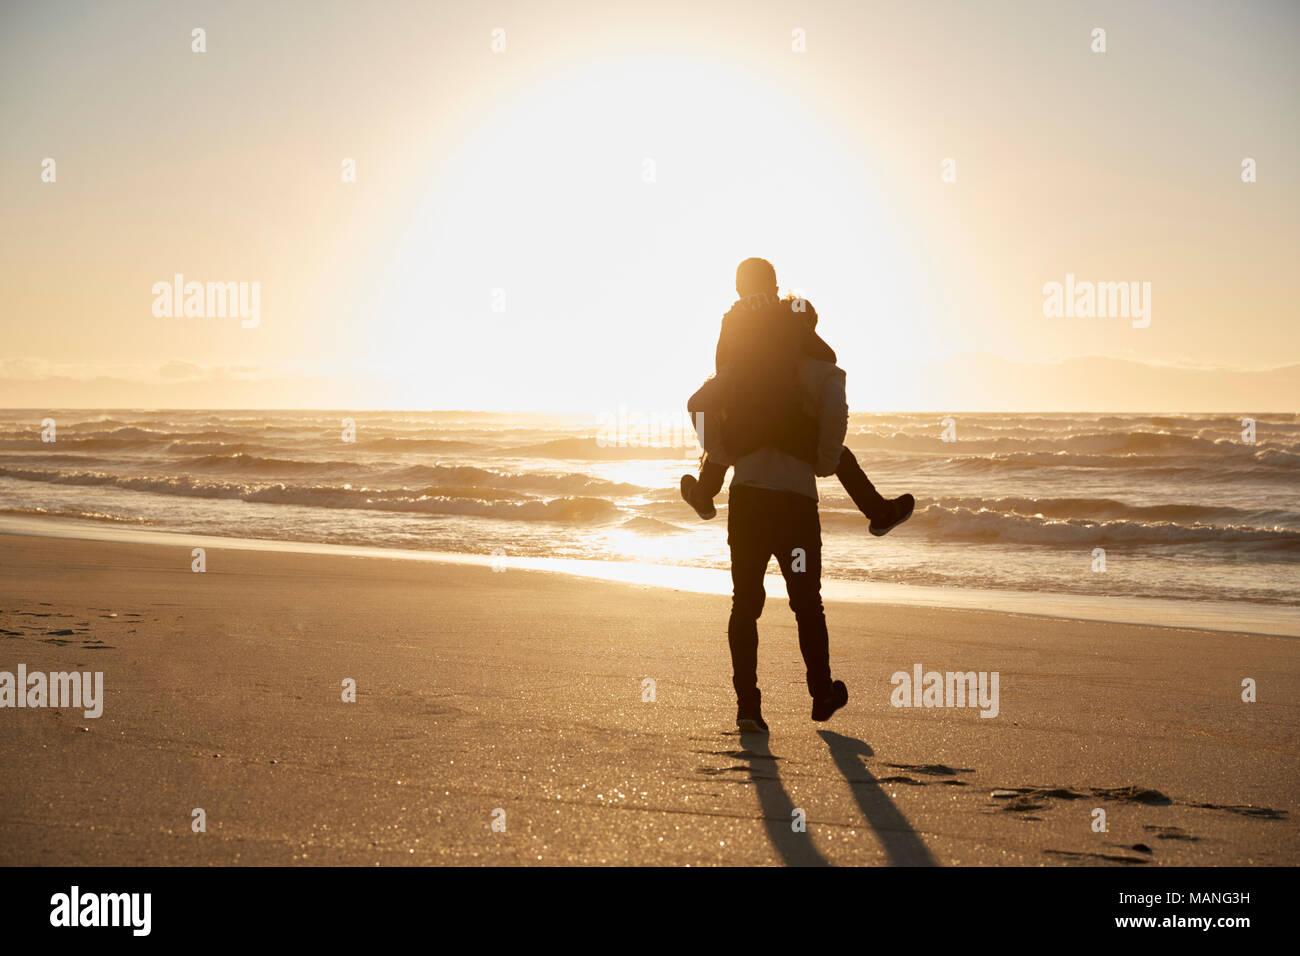 Silueta de padre hijo dando Piggyback sobre Playa de invierno Imagen De Stock